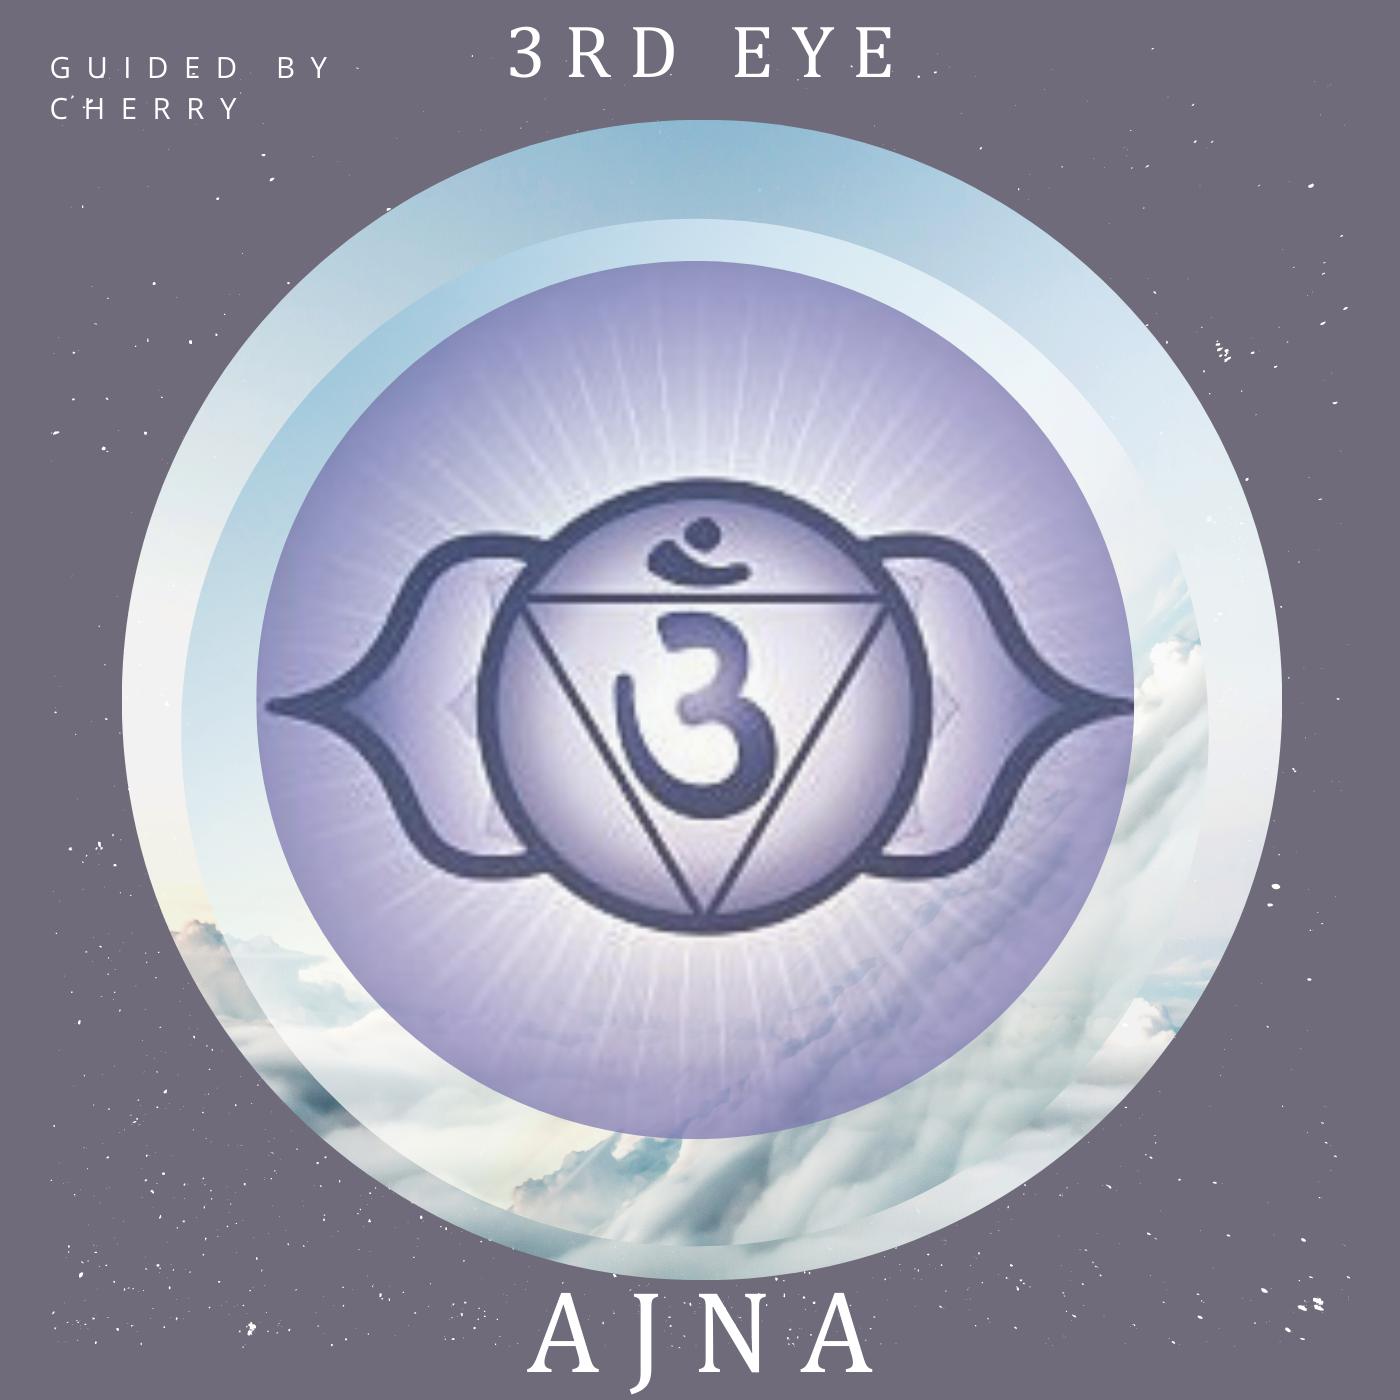 3rd Eye Chakra - Ajna